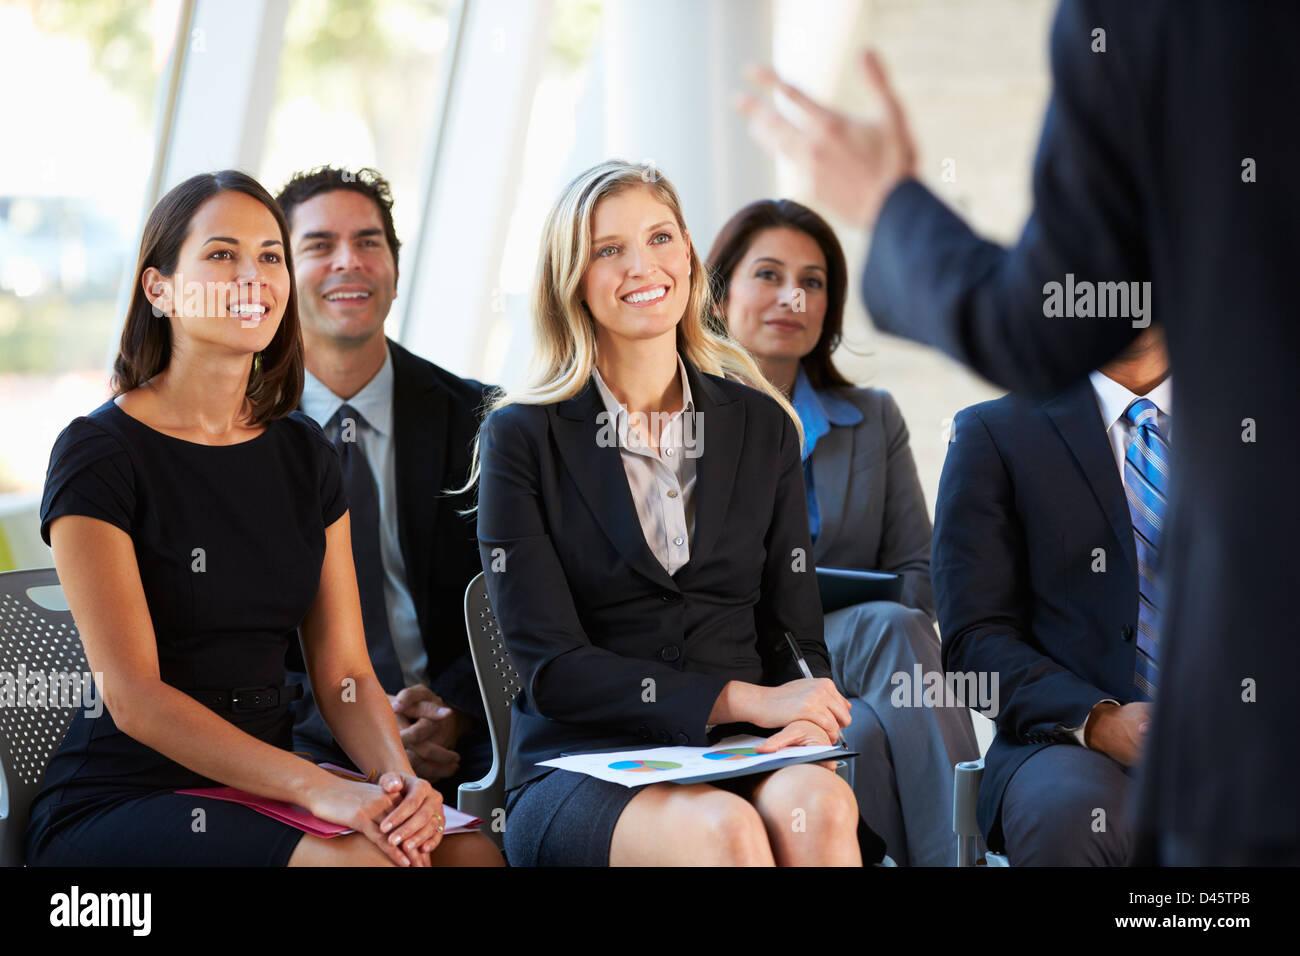 Publikum hören Vortrag auf Konferenz Stockbild